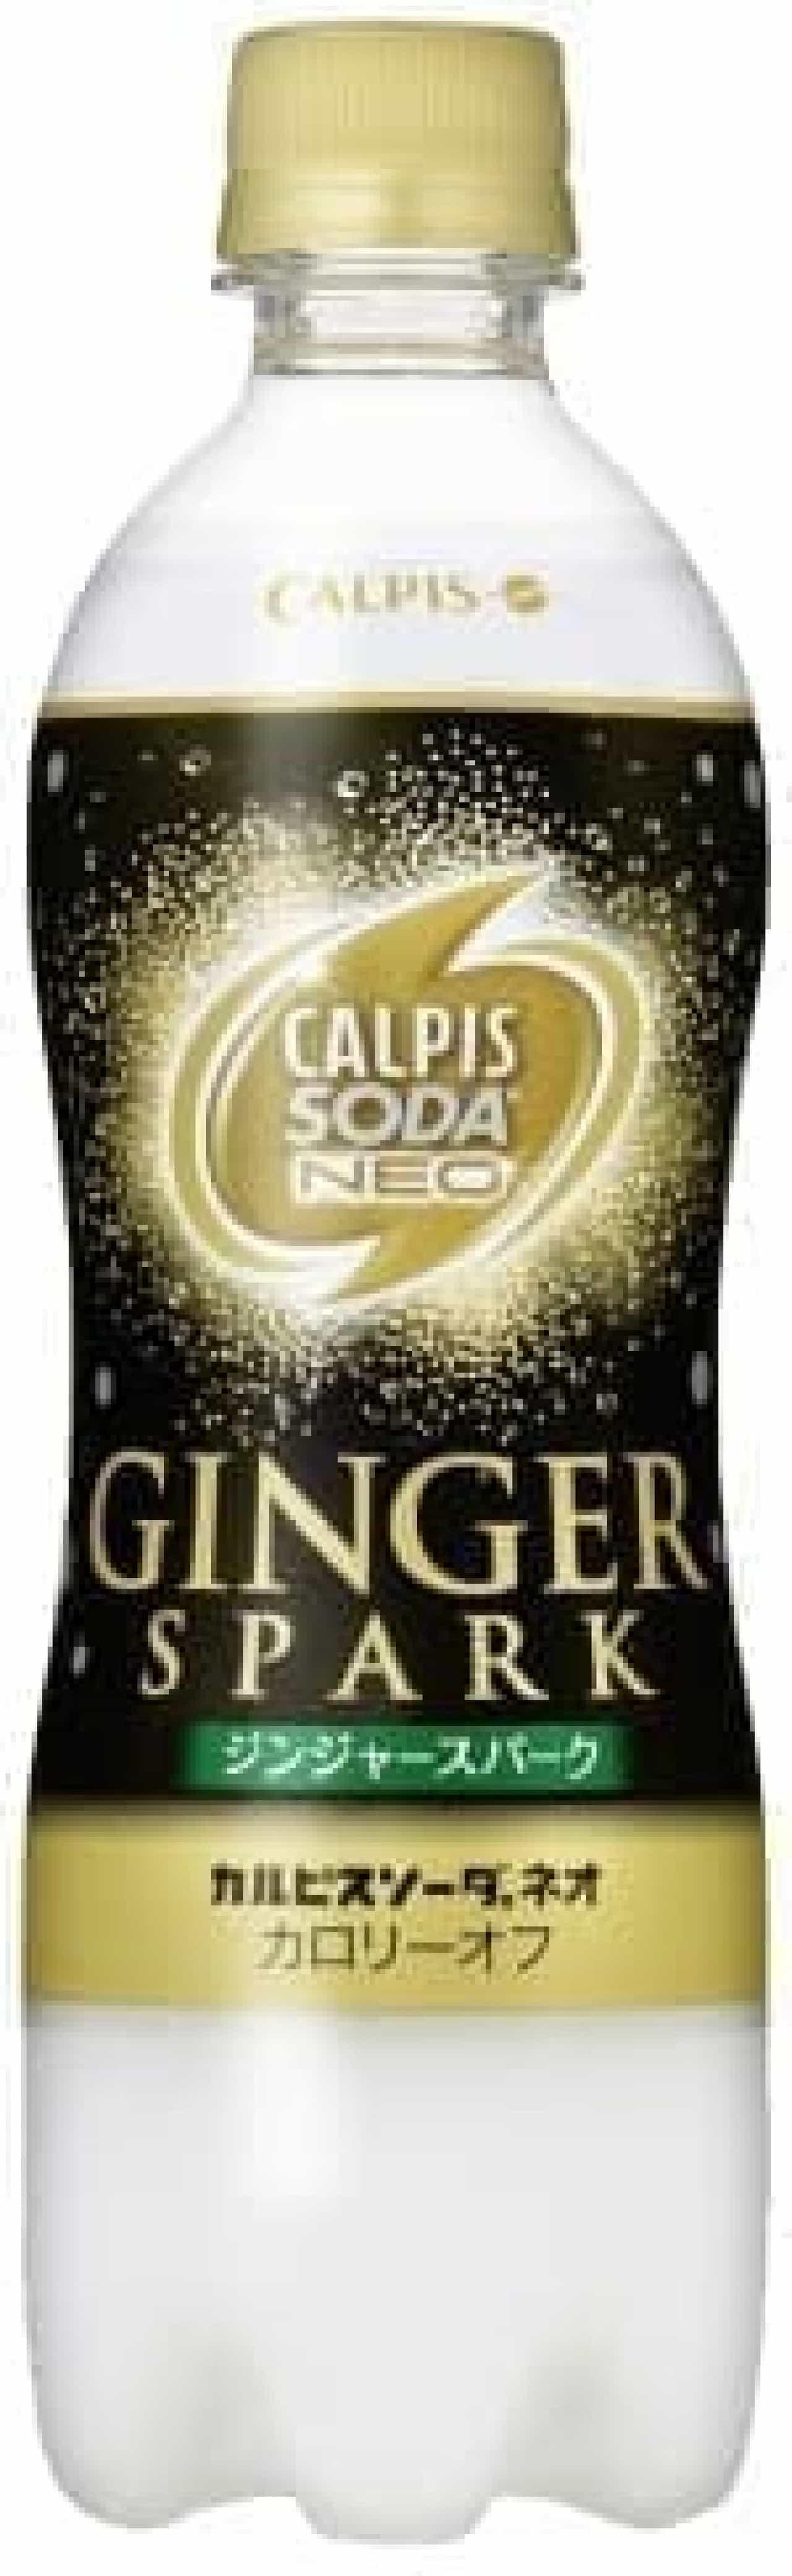 力強く刺激的な味わい  「ジンジャースパーク」